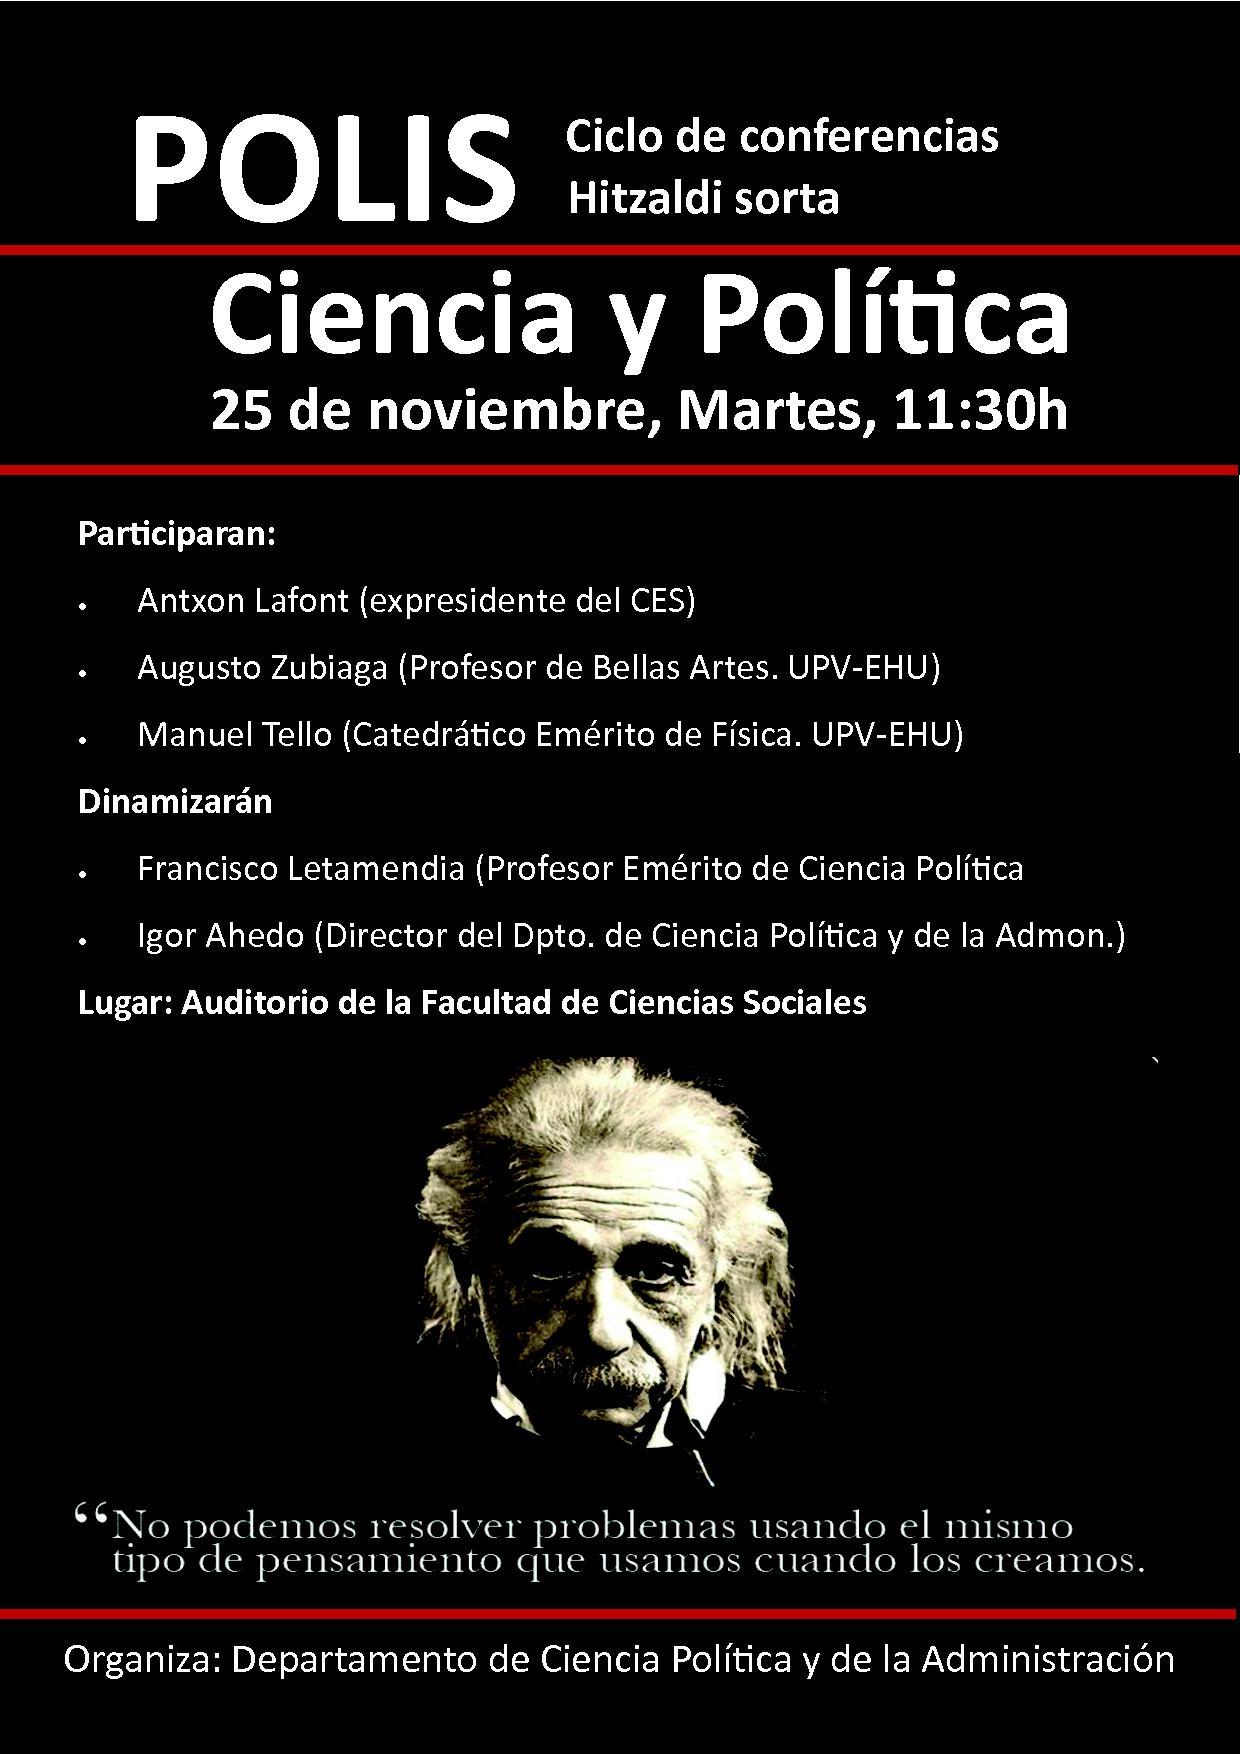 Ciclo de conferencias Hitzaldi sorta Ciencia y Política 25 de noviembre 2014, Martes, 11:30h Organiza: Departamento de Ciencia Política y de la Administración EHU AUGUSTO ZUBIAGA POLIS